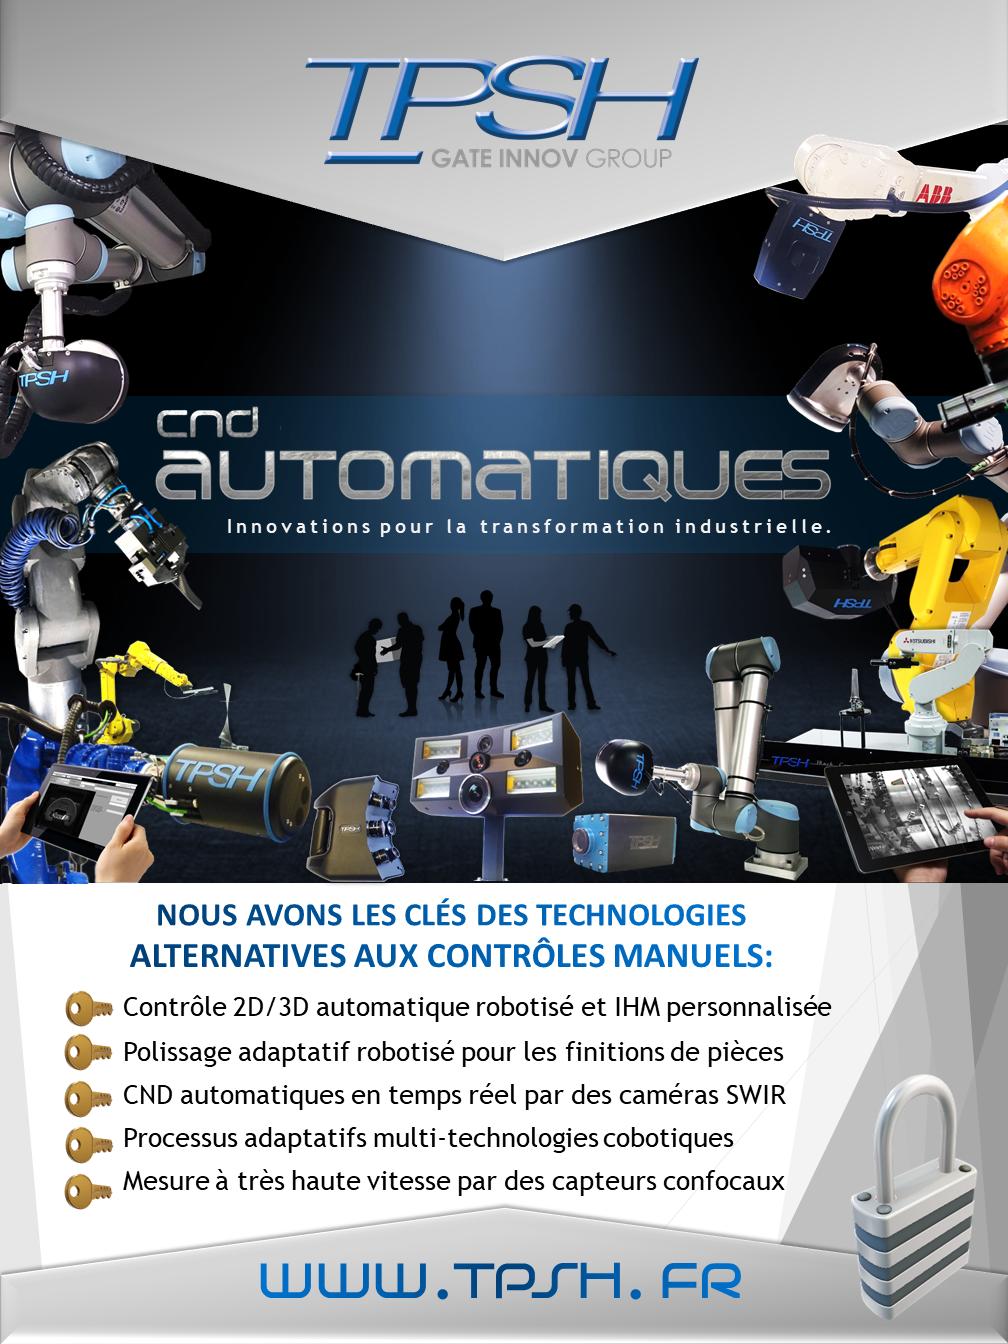 CND automatiques TPSH_100% robotique